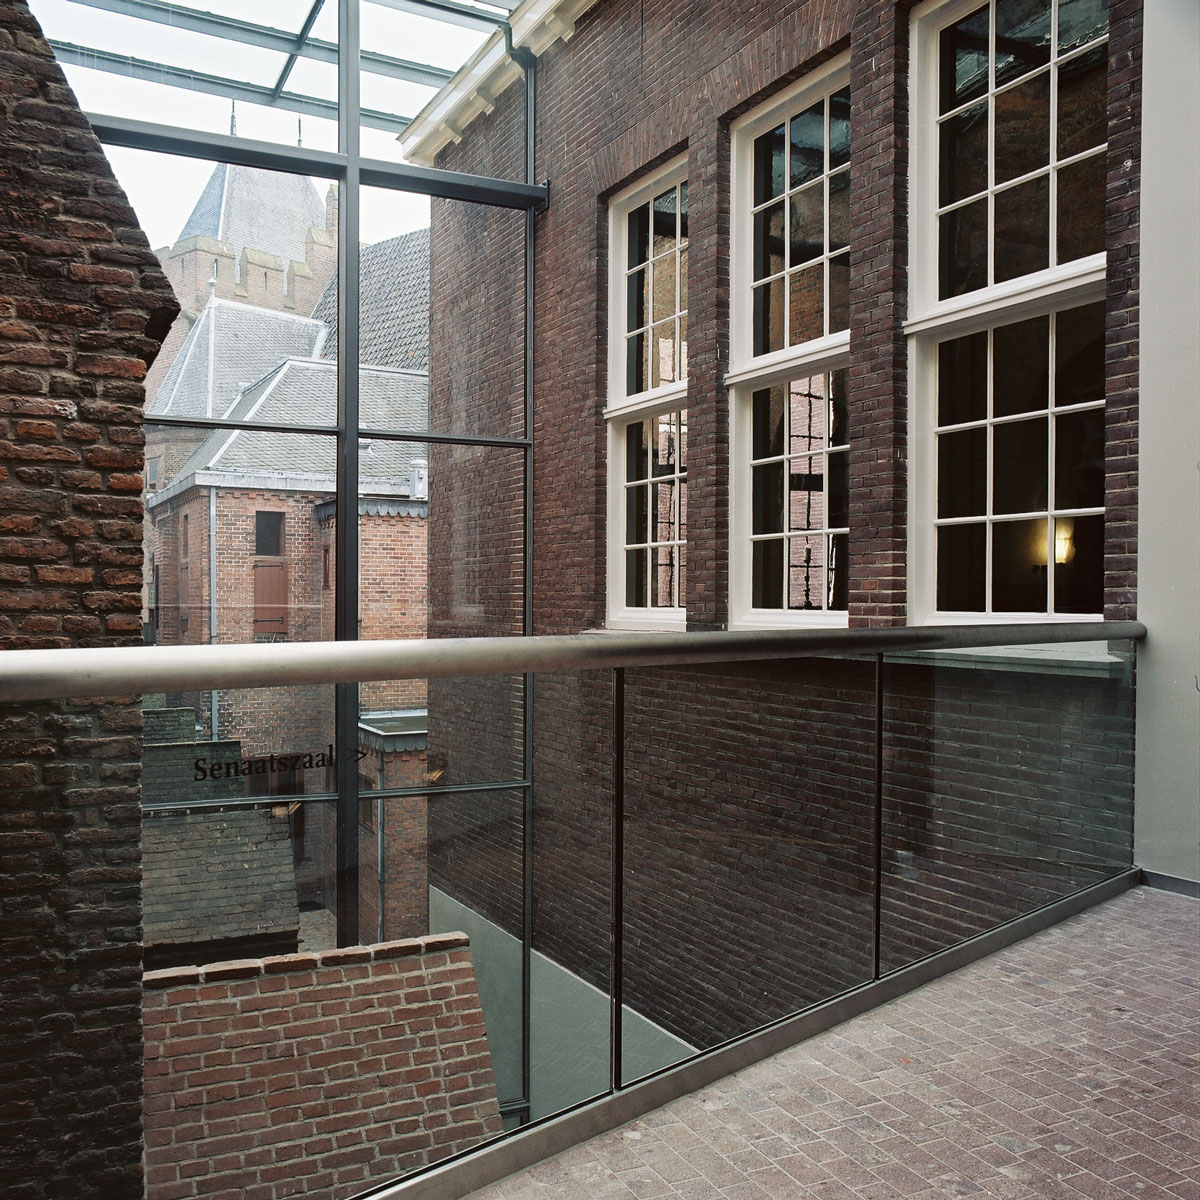 academiegebouw_3